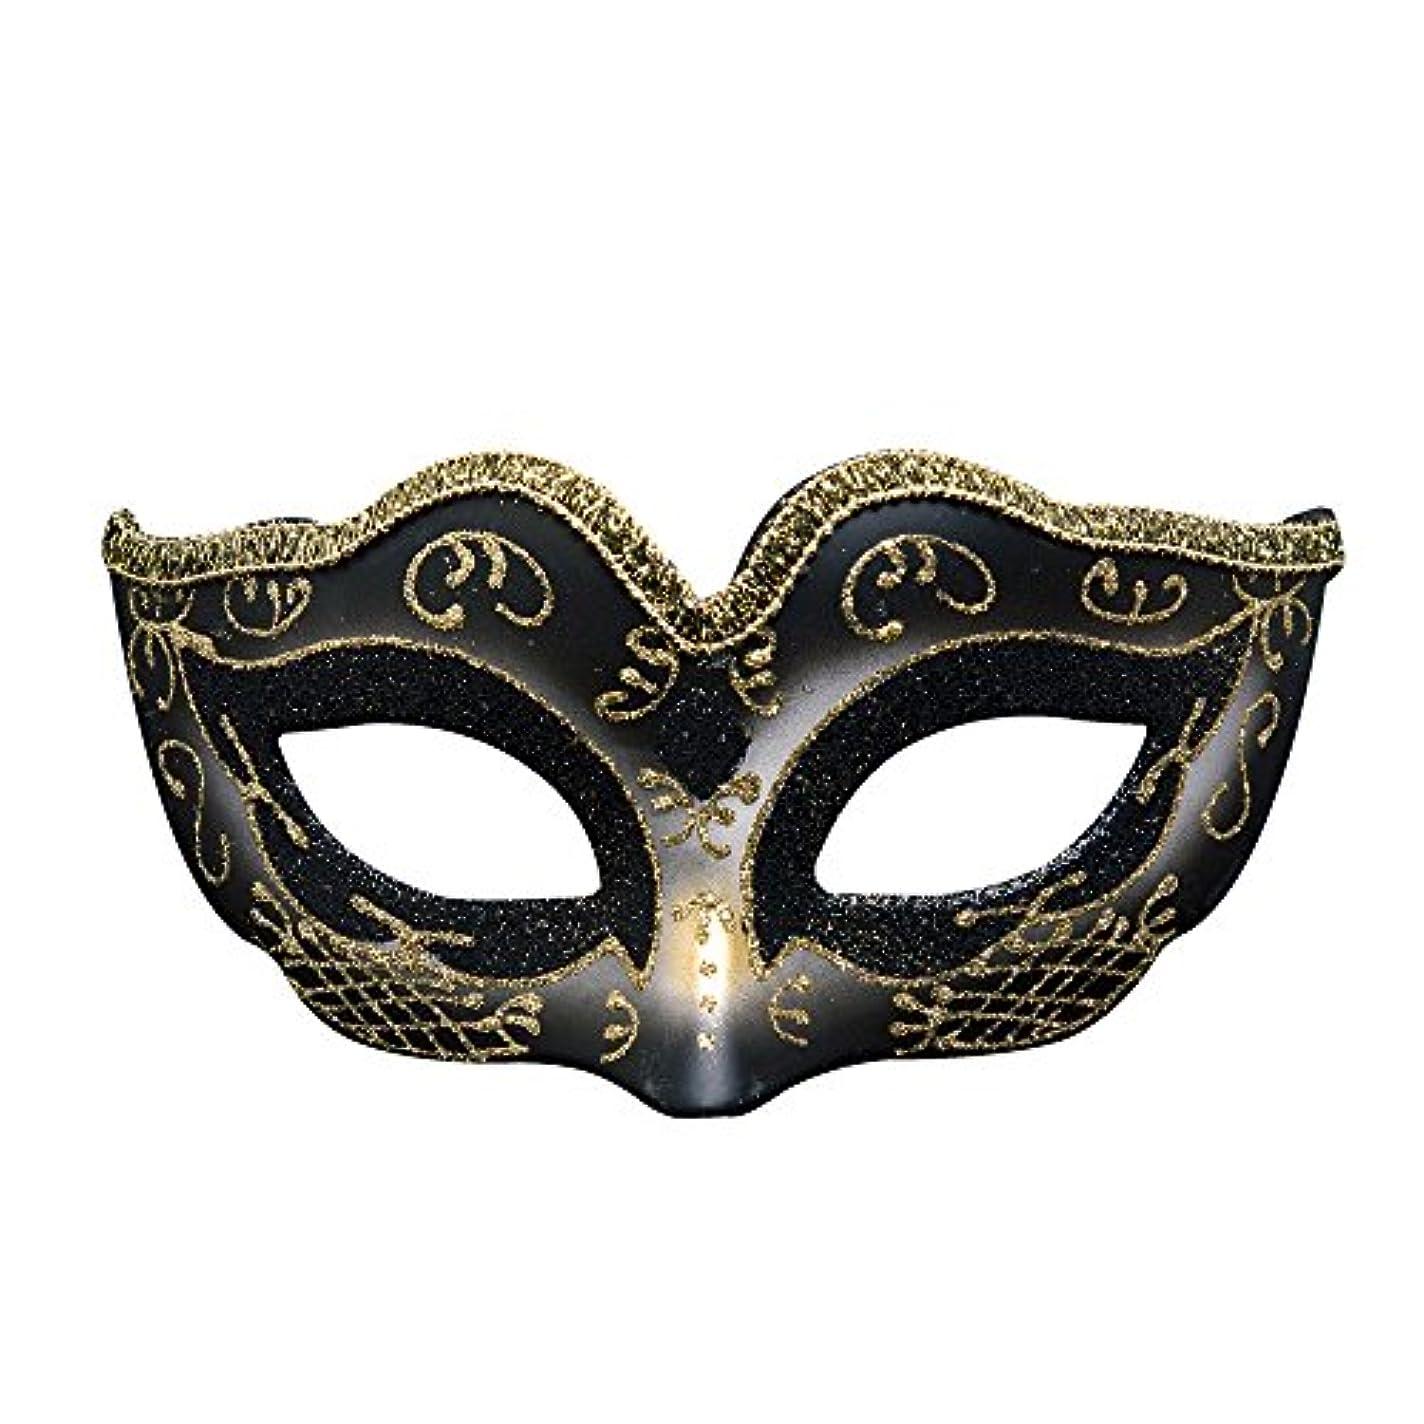 失礼な批判的嘆くクリエイティブカスタム子供のなりすましパーティーハロウィーンマスククリスマス雰囲気マスク (Color : F)